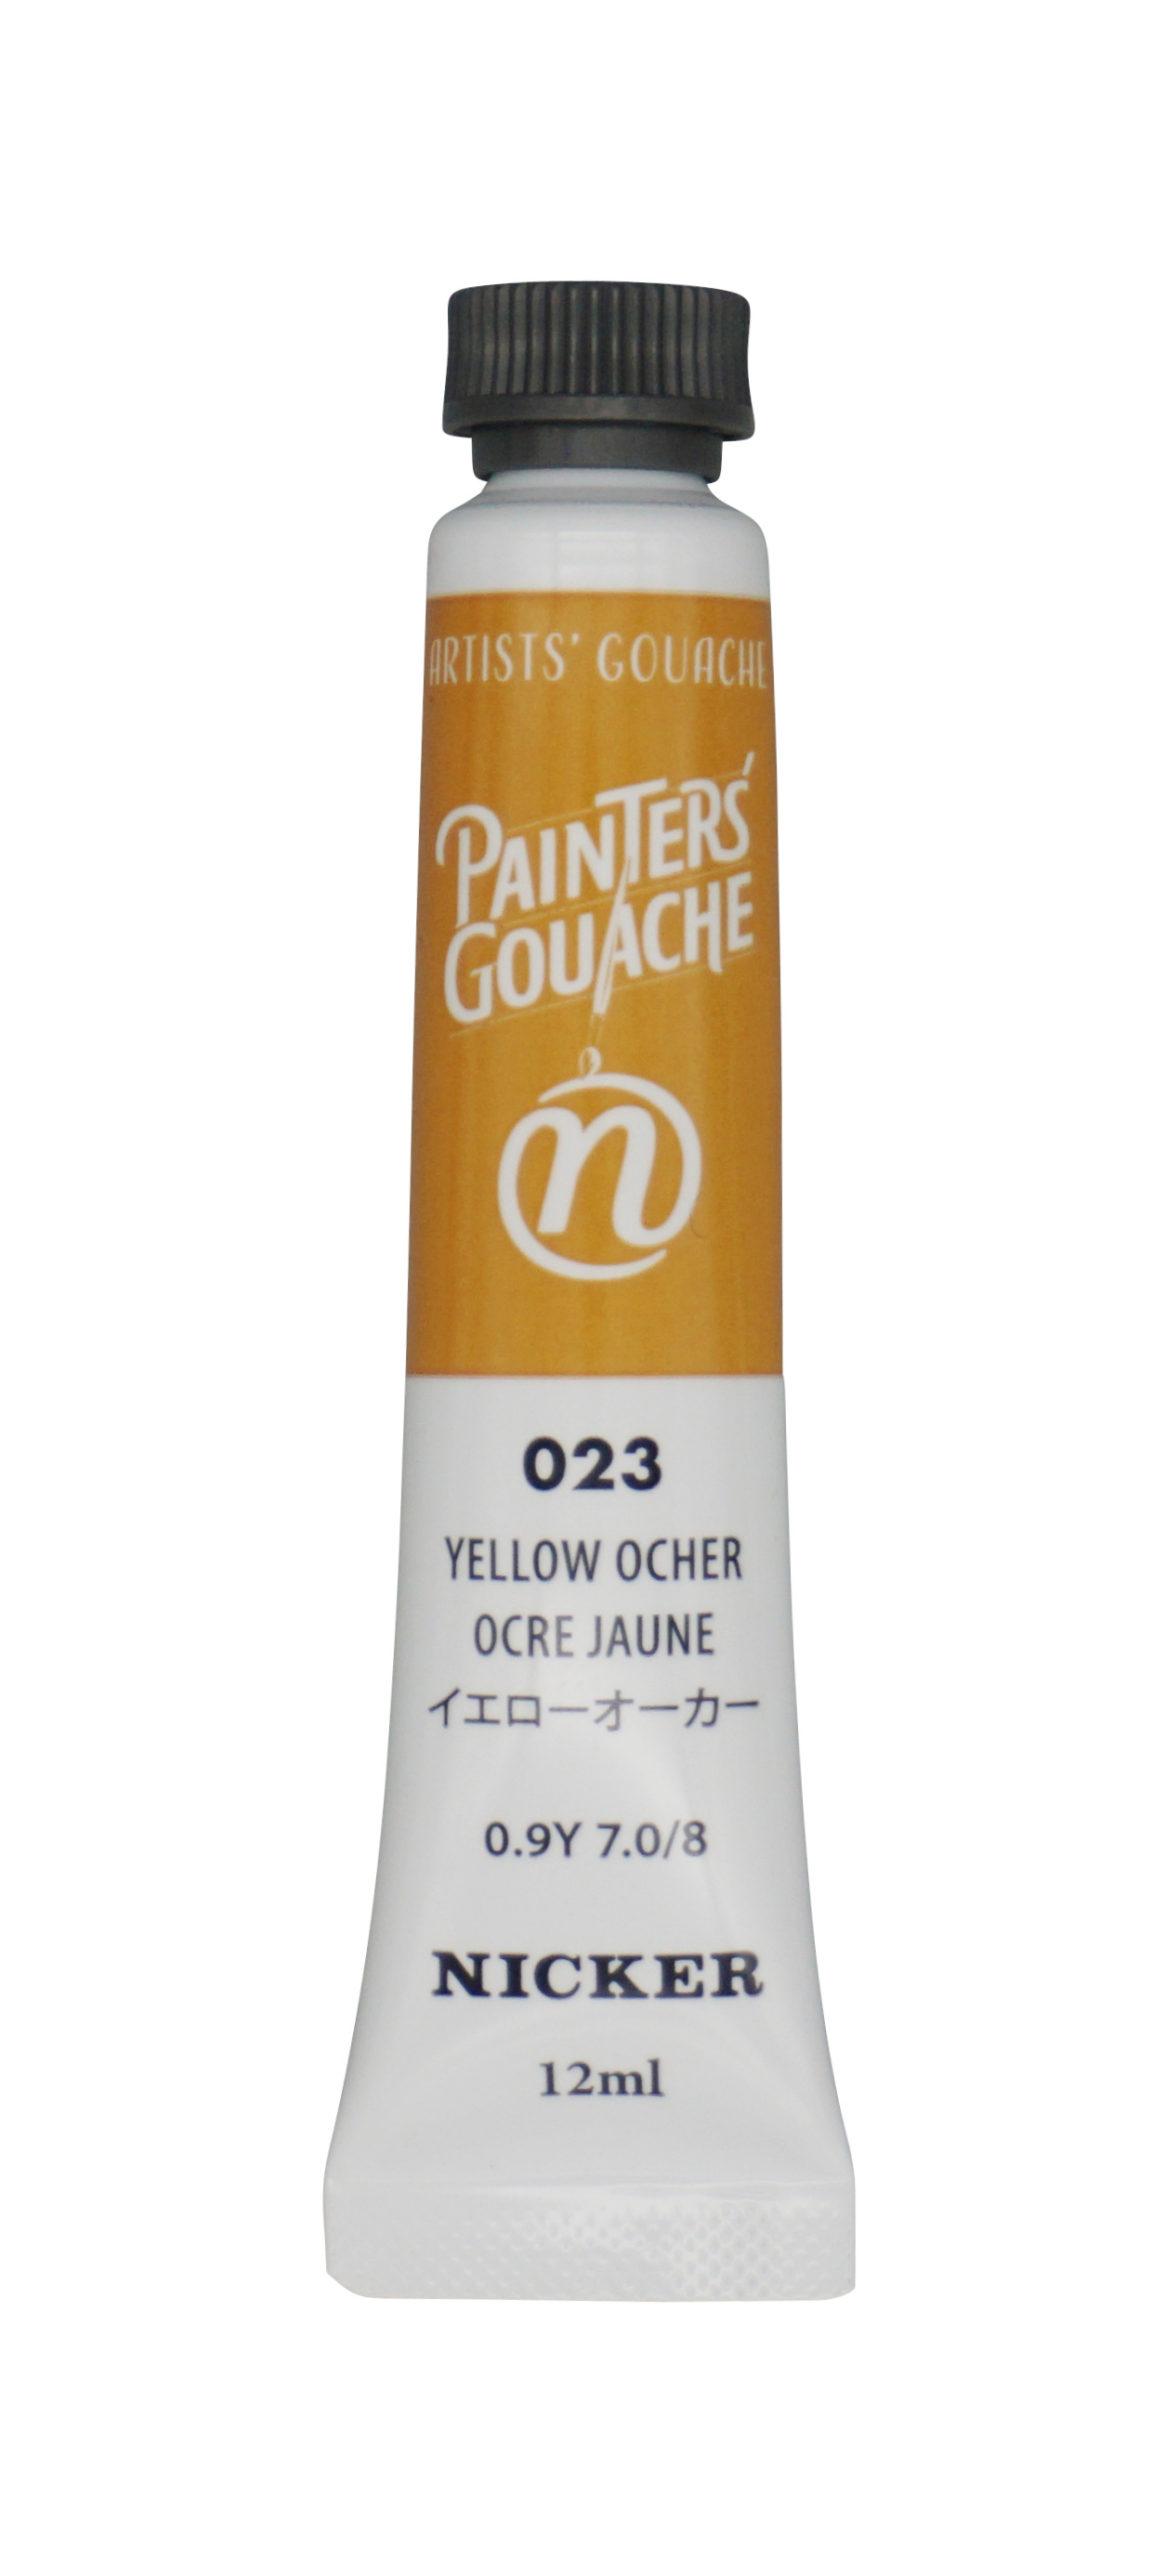 PAINTER'S GOUACHE YELLOW OCHER